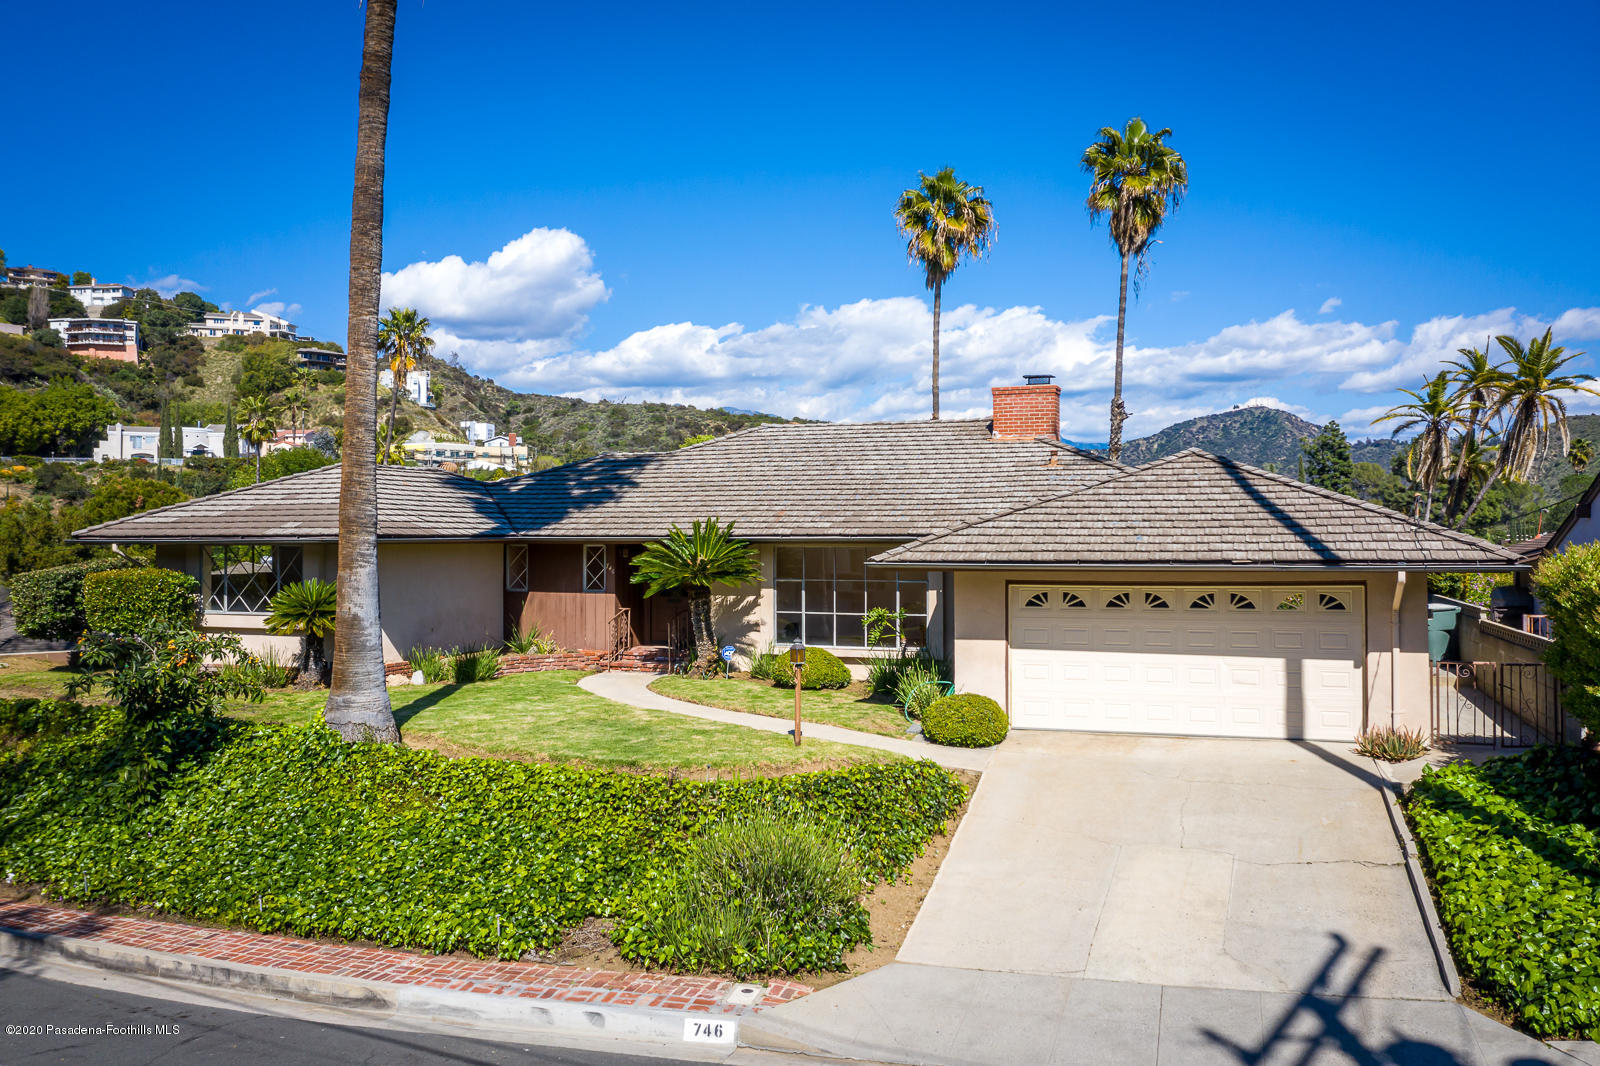 746 Avonglen Terrace, Glendale, California